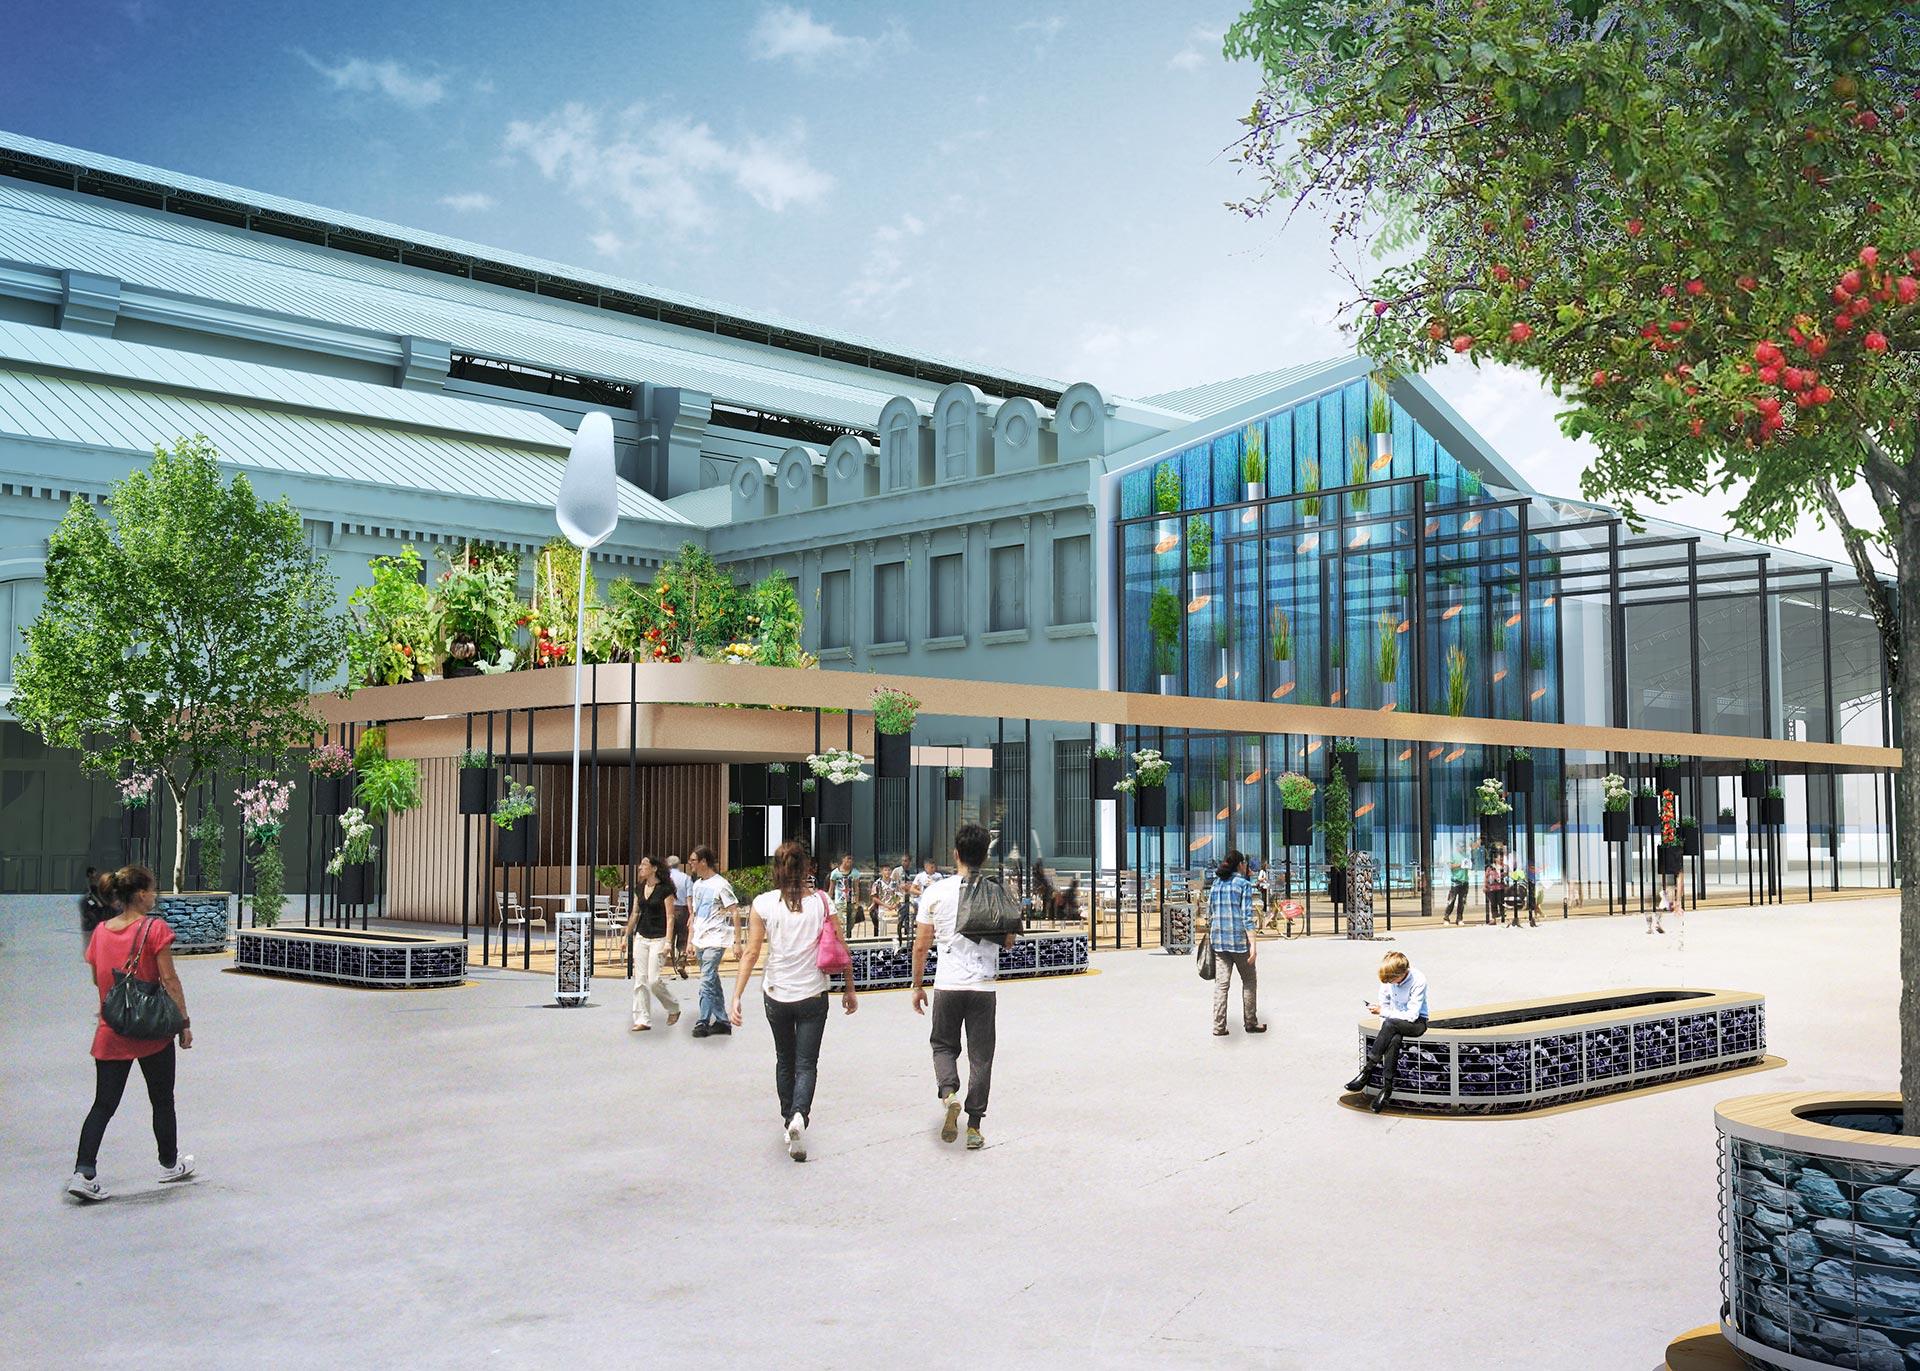 R novation de la gare d 39 austerlitz paris futur - Restaurant gare saint lazare ...